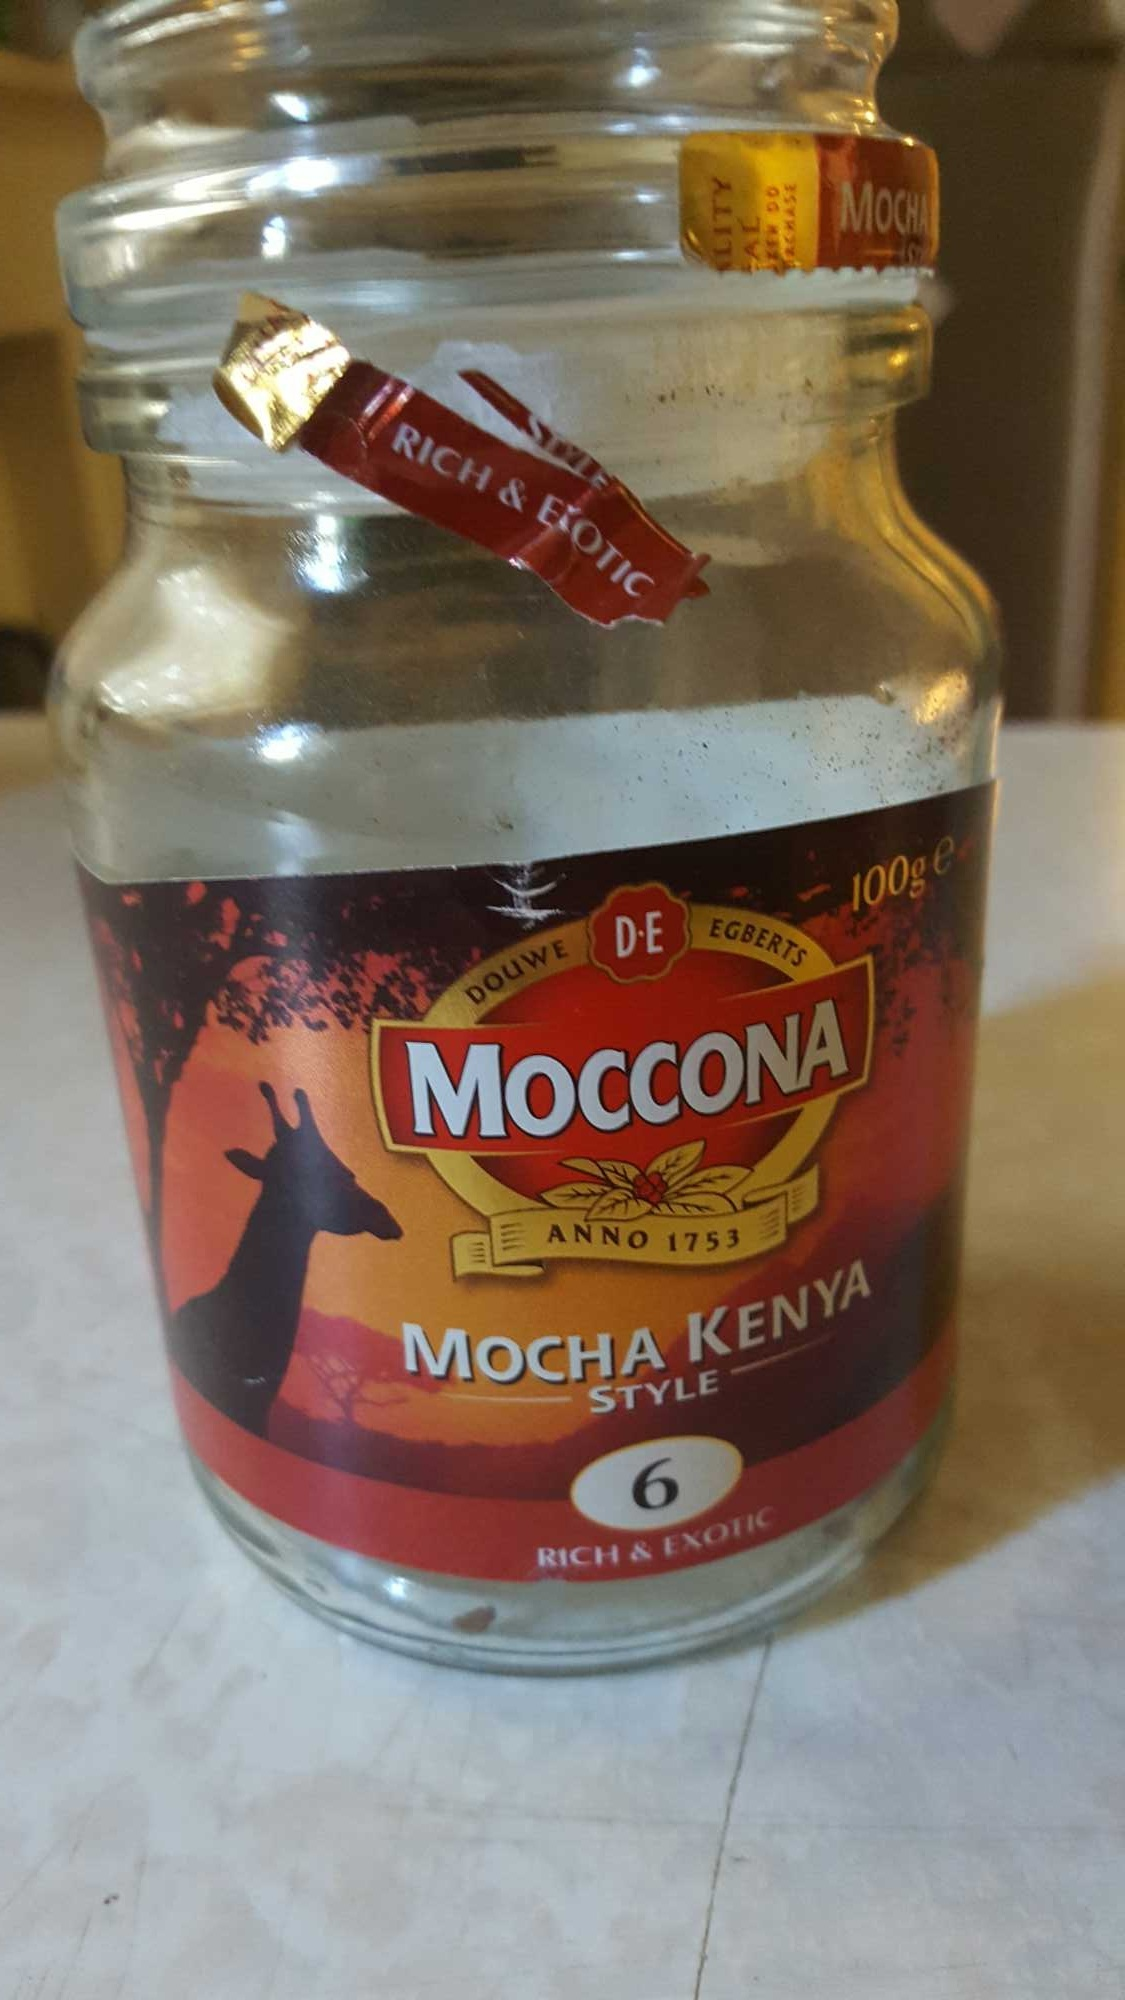 Moccona Mocha Kenya - Product